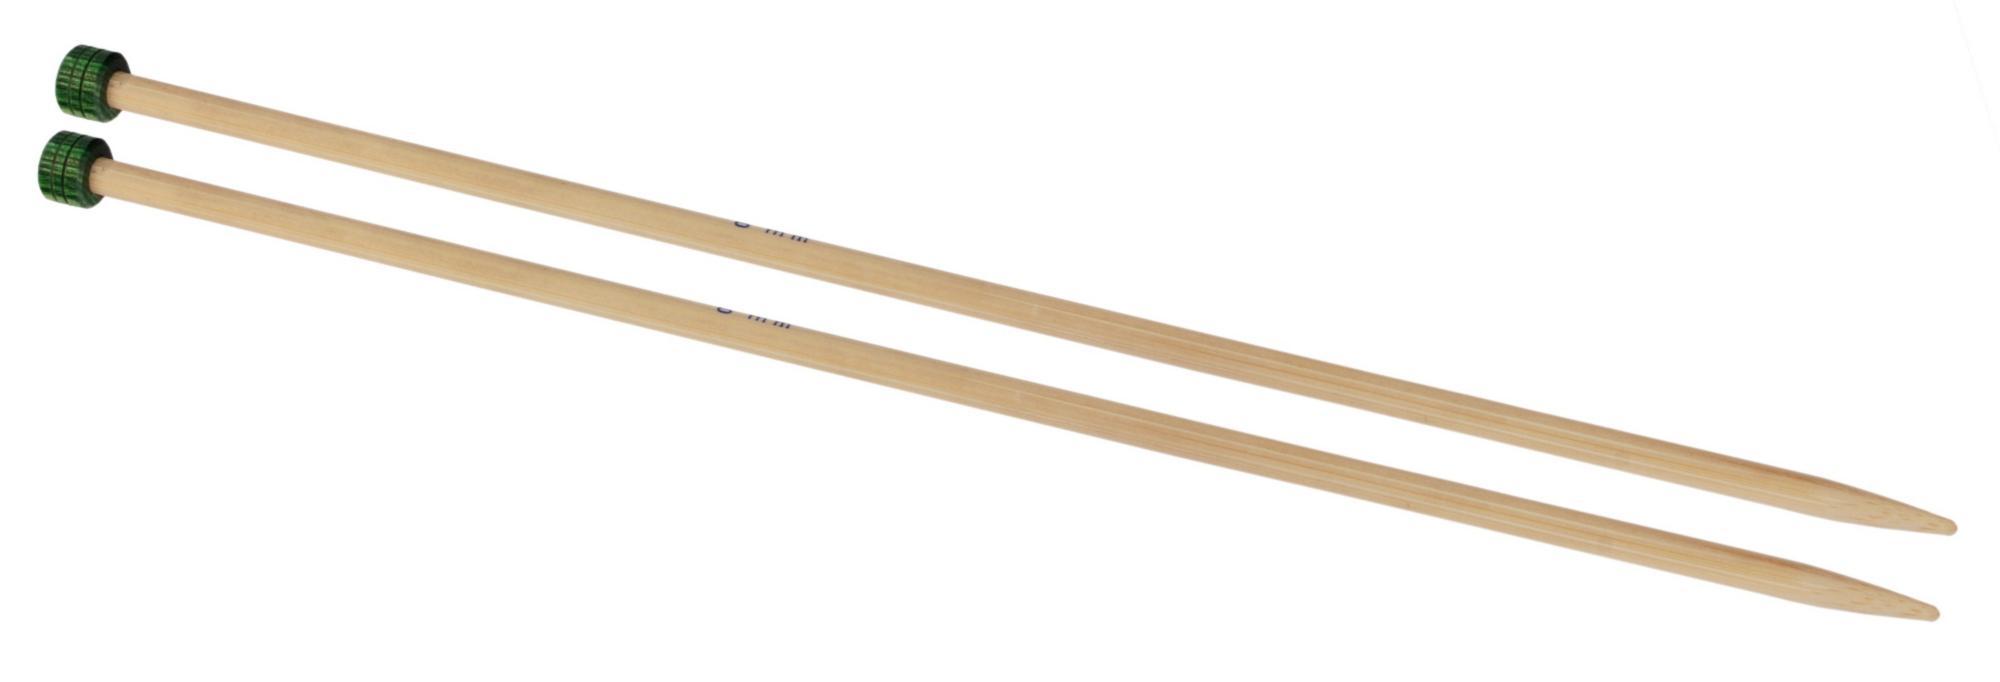 Спицы прямые 30 см Bamboo KnitPro, 22332, 6.50 мм